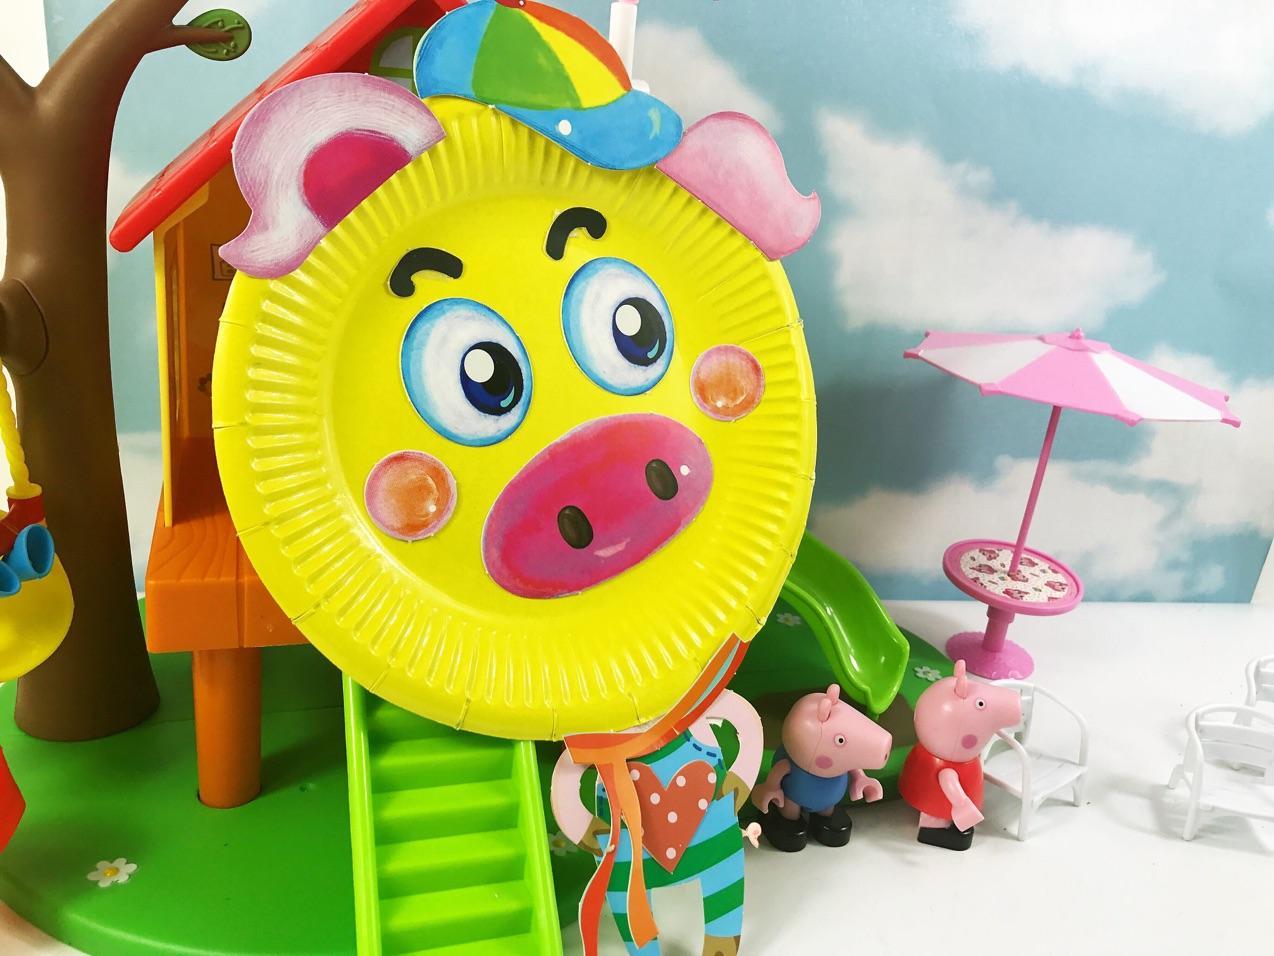 手工制作盘子猪